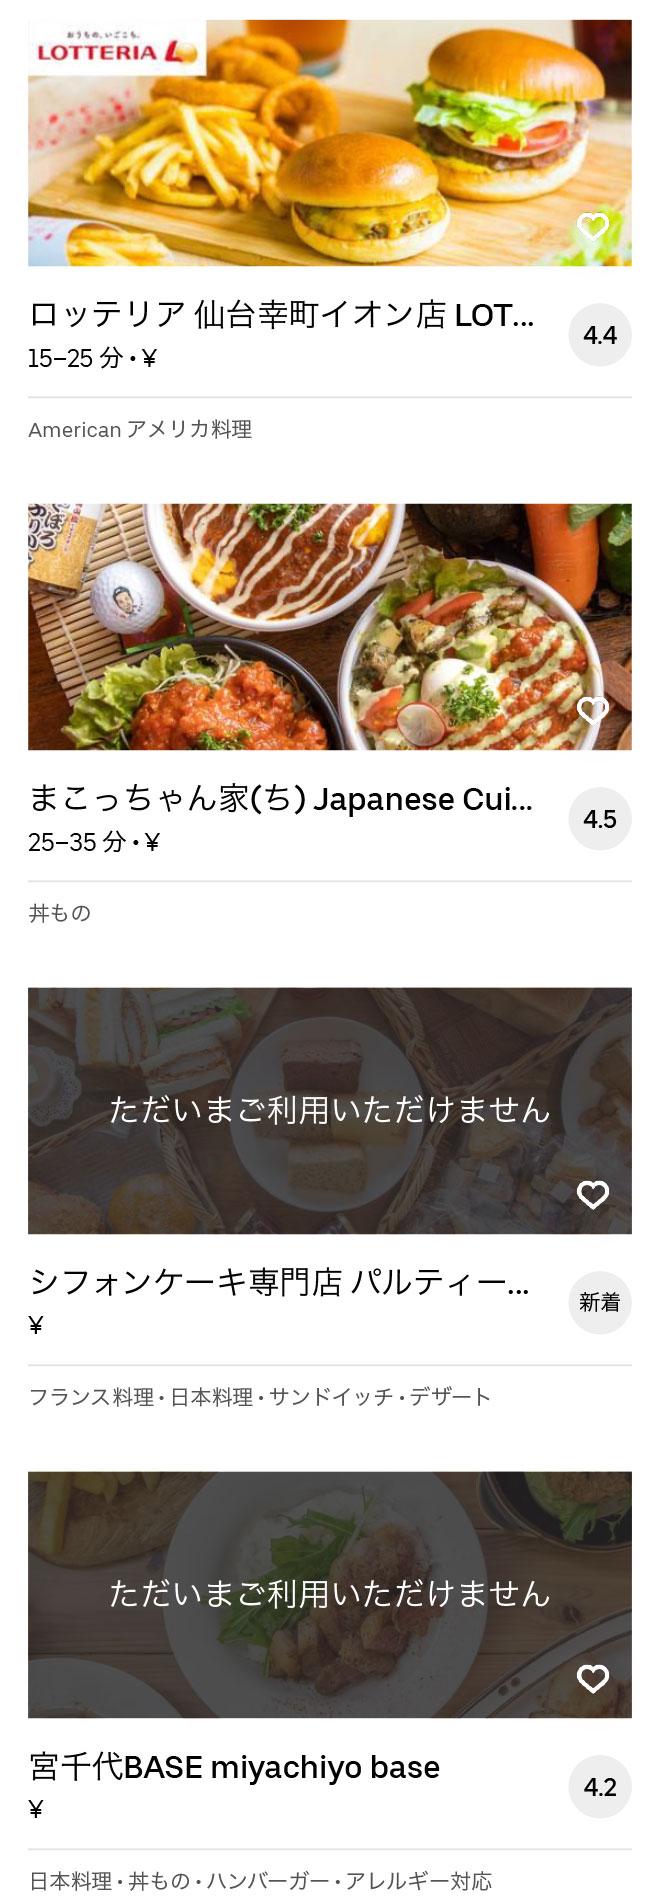 Higashi sendai menu 200404